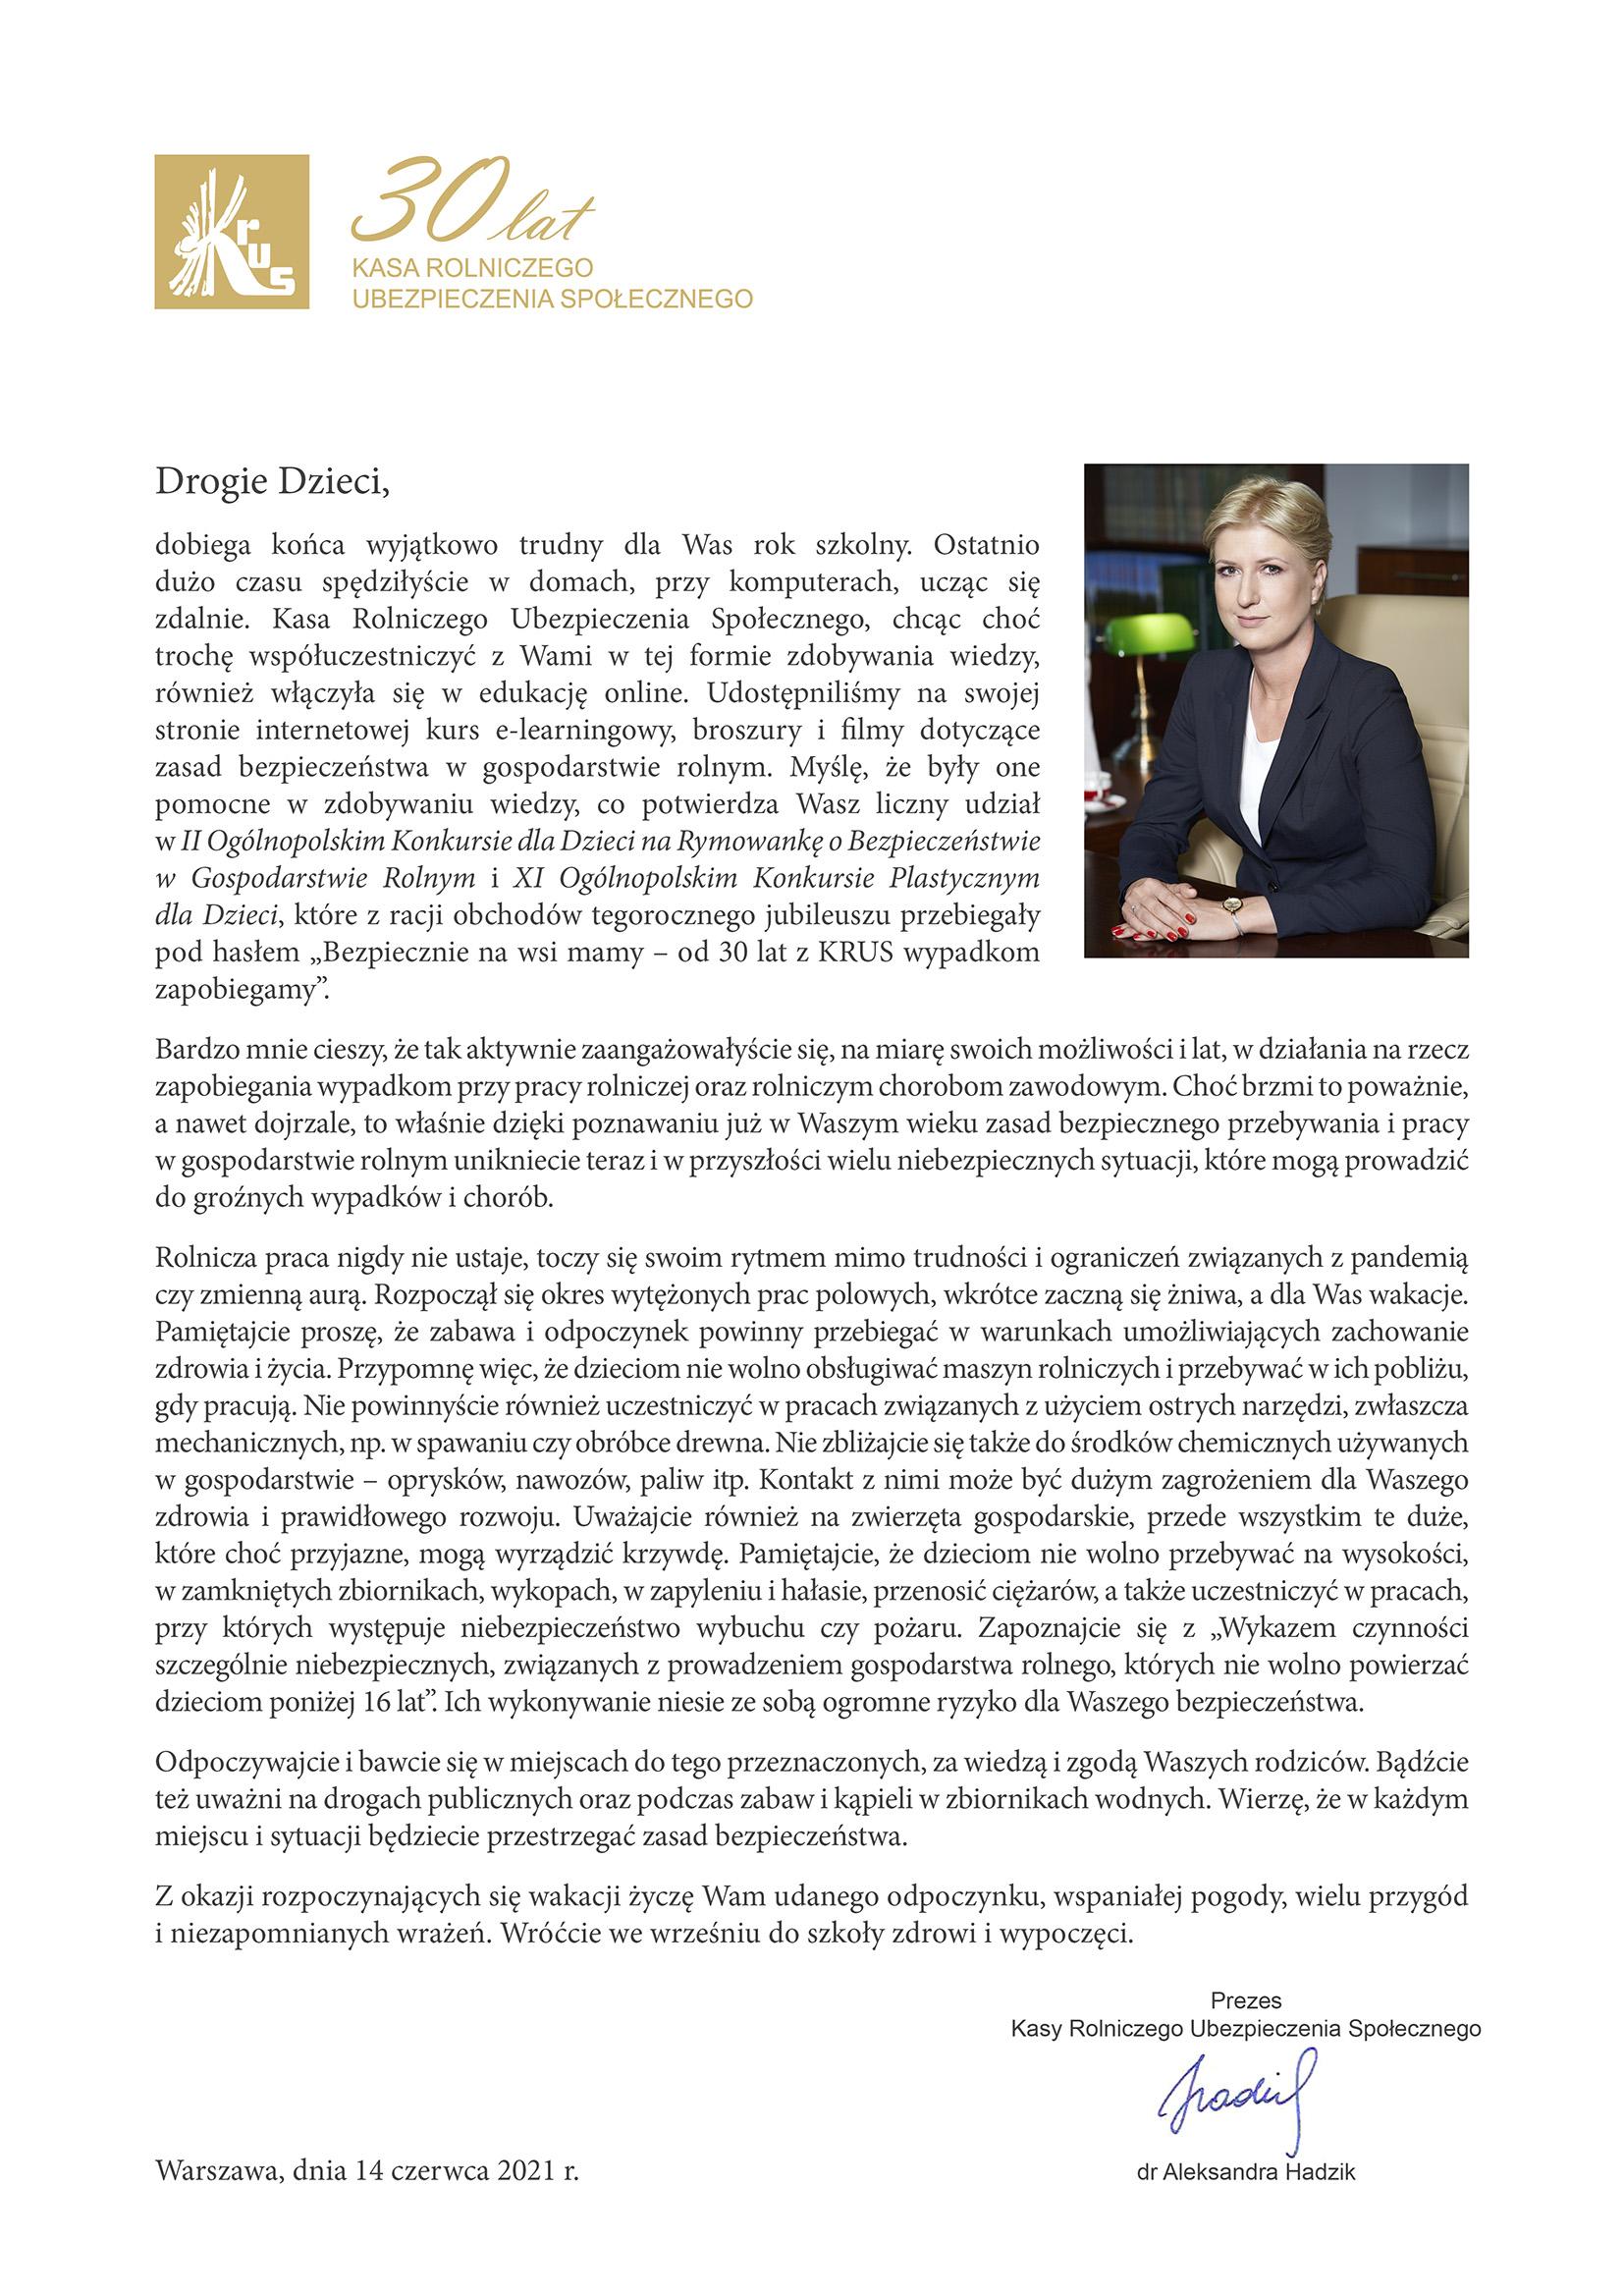 List Pani Prezes dr Aleksandry Hadzik KRUS skierowany do dzieci w sprawie zachowania zasad bezpieczeństwa podczas wakacji.